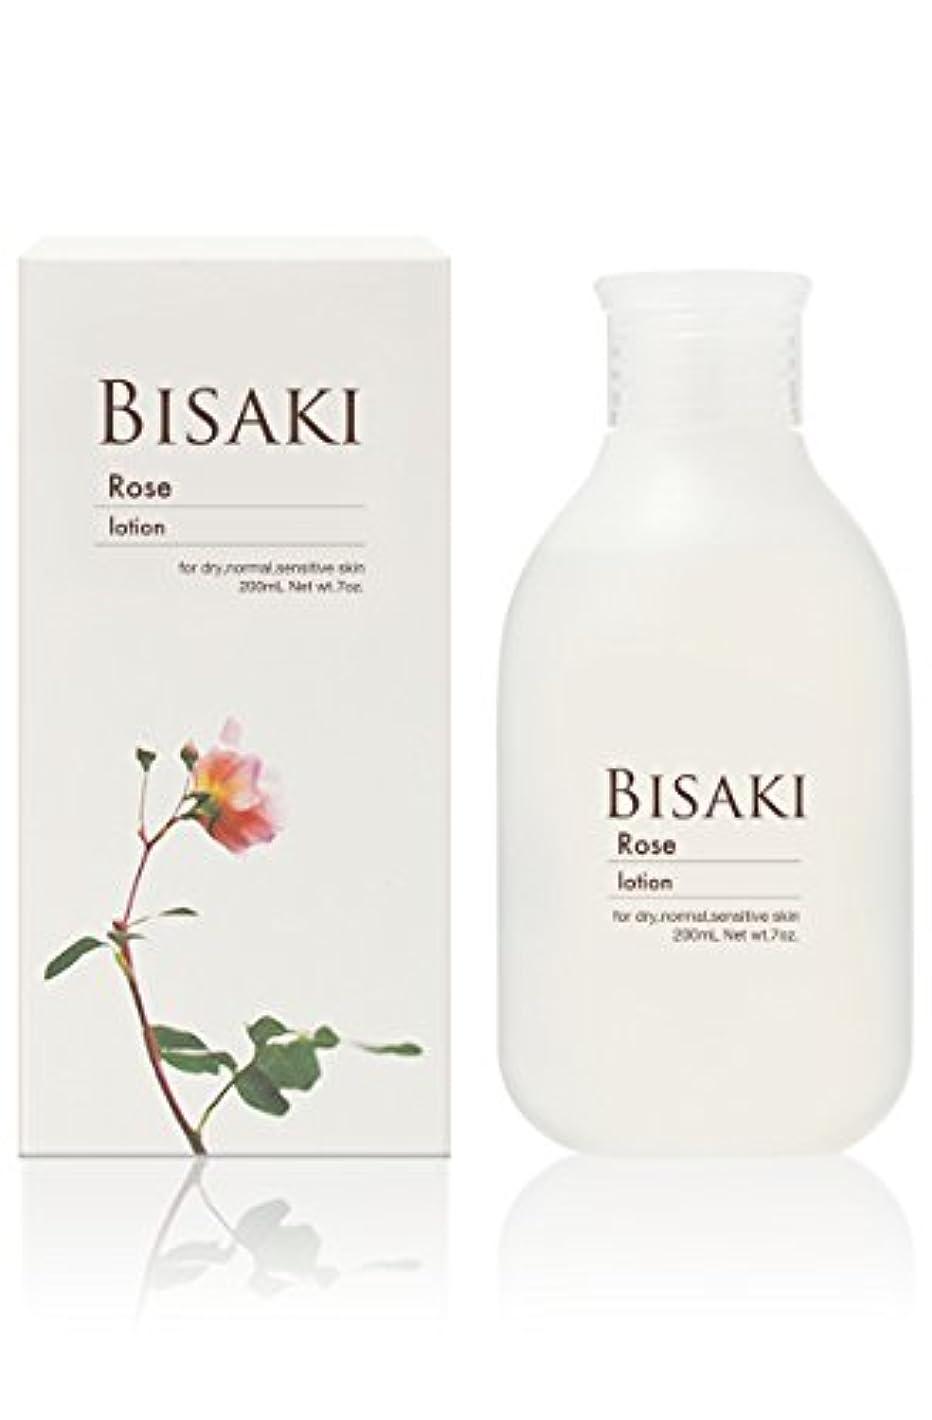 ハーブ療法太鼓腹BISAKI ローション 200mL